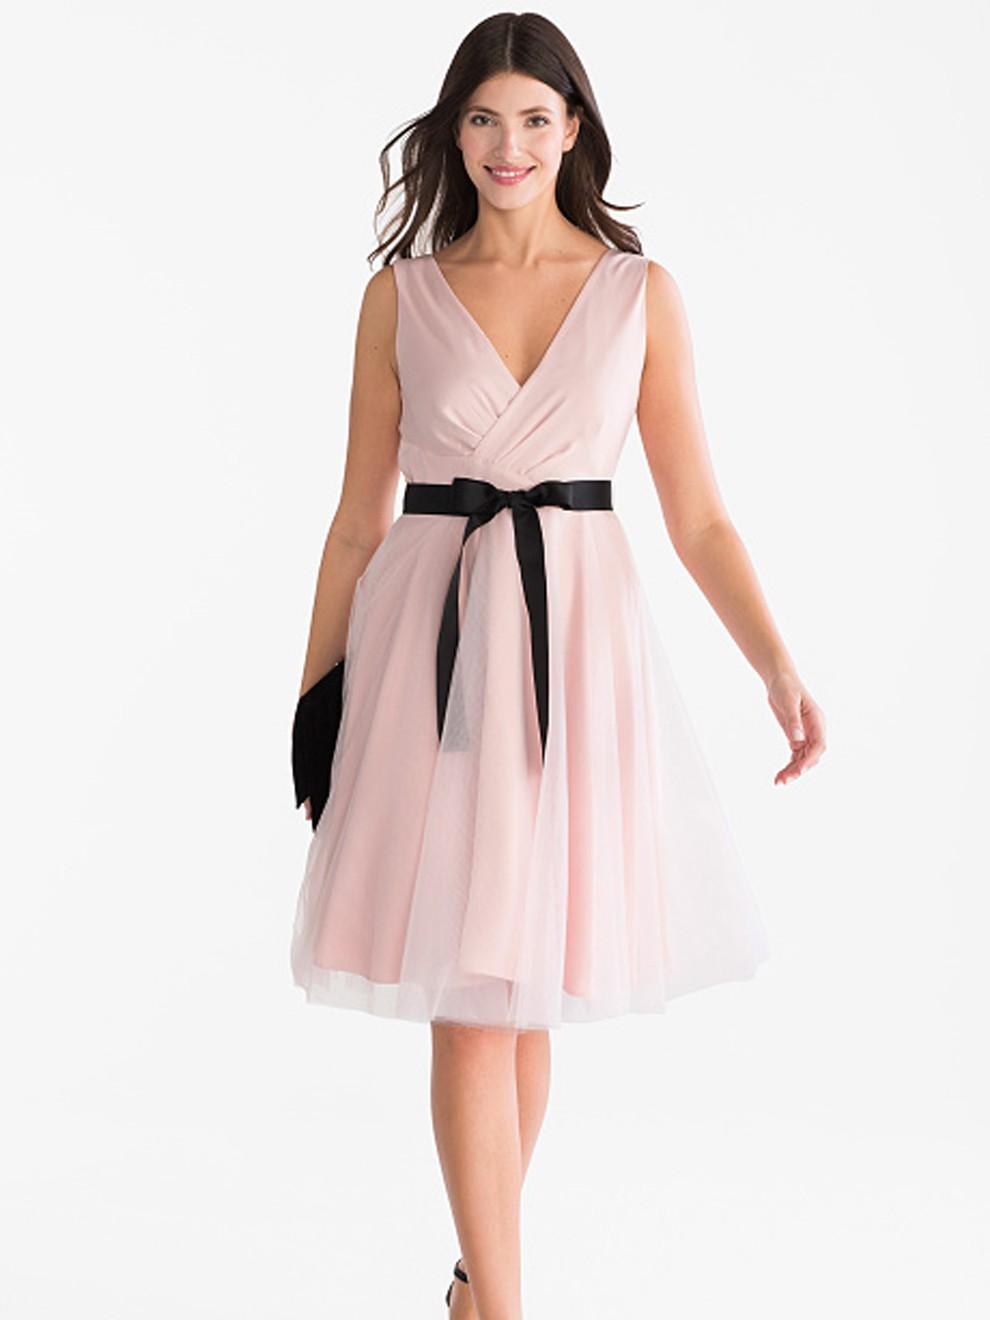 Vestido corto en color rosa de C&A por 79'90 euros